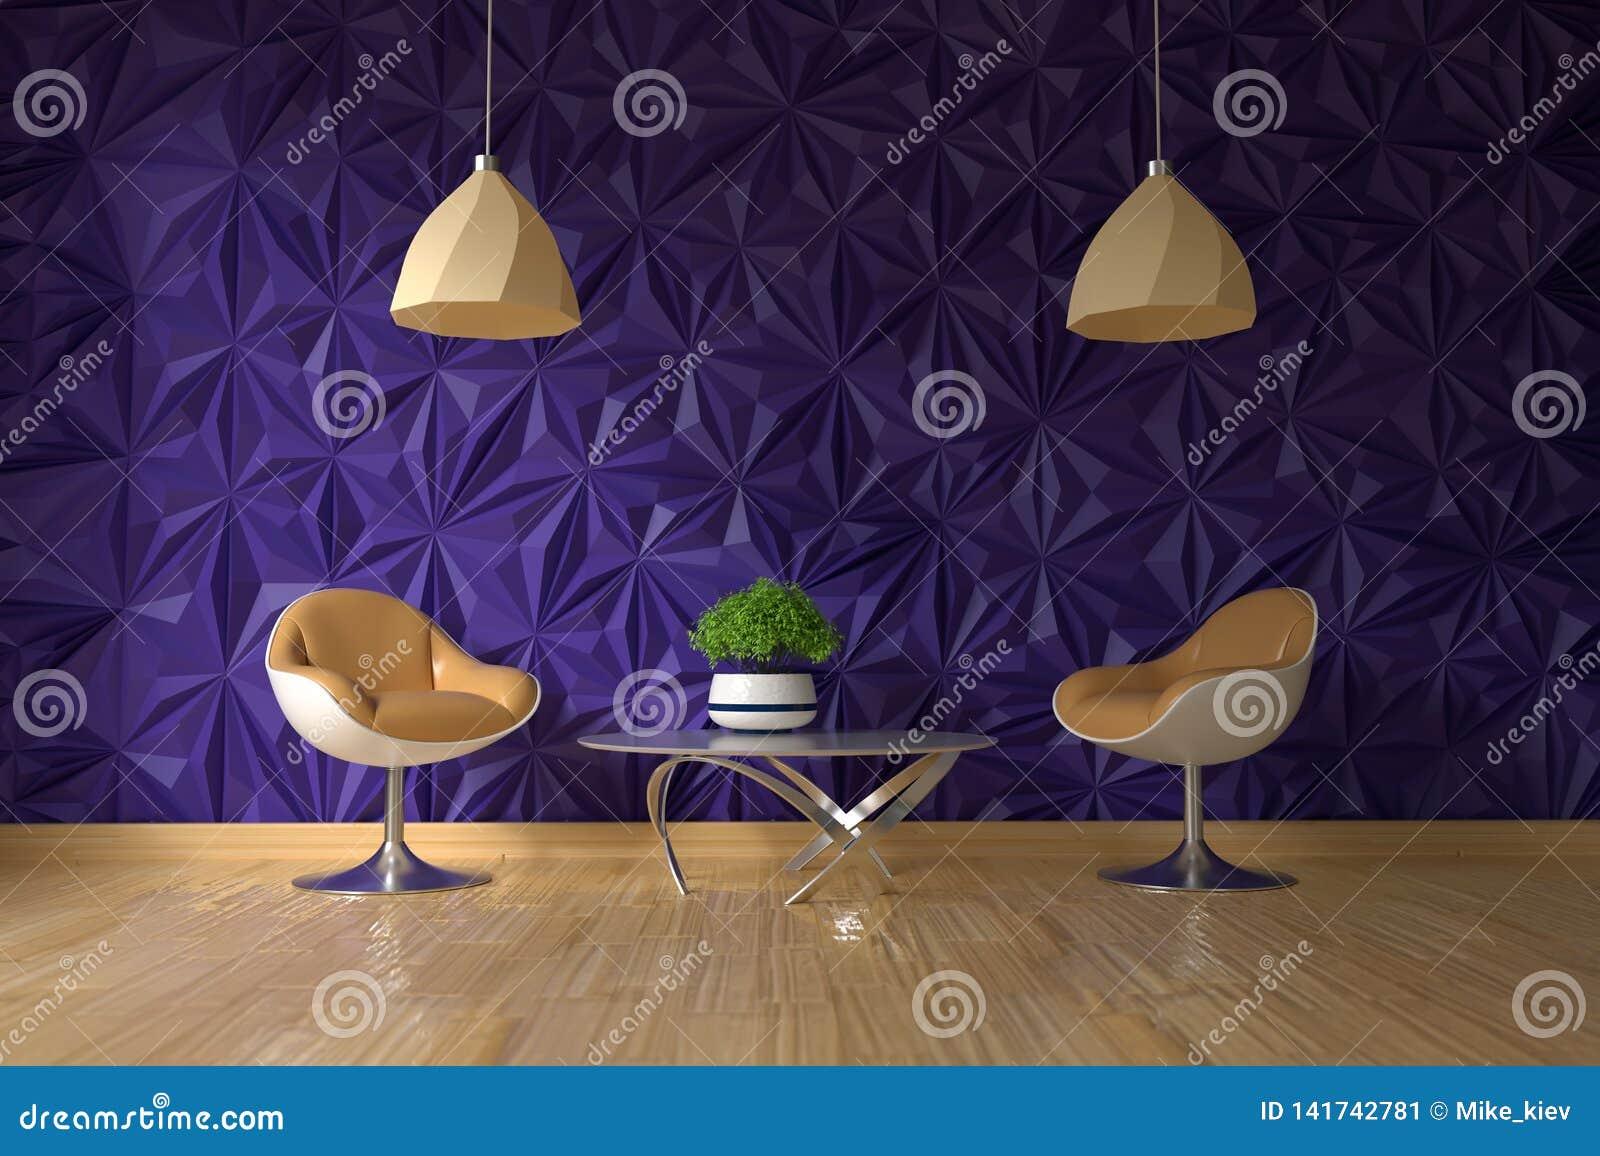 Poltrona dois e tabela de vidro com a planta verde na parede violeta textured vazia no interior da sala de visitas